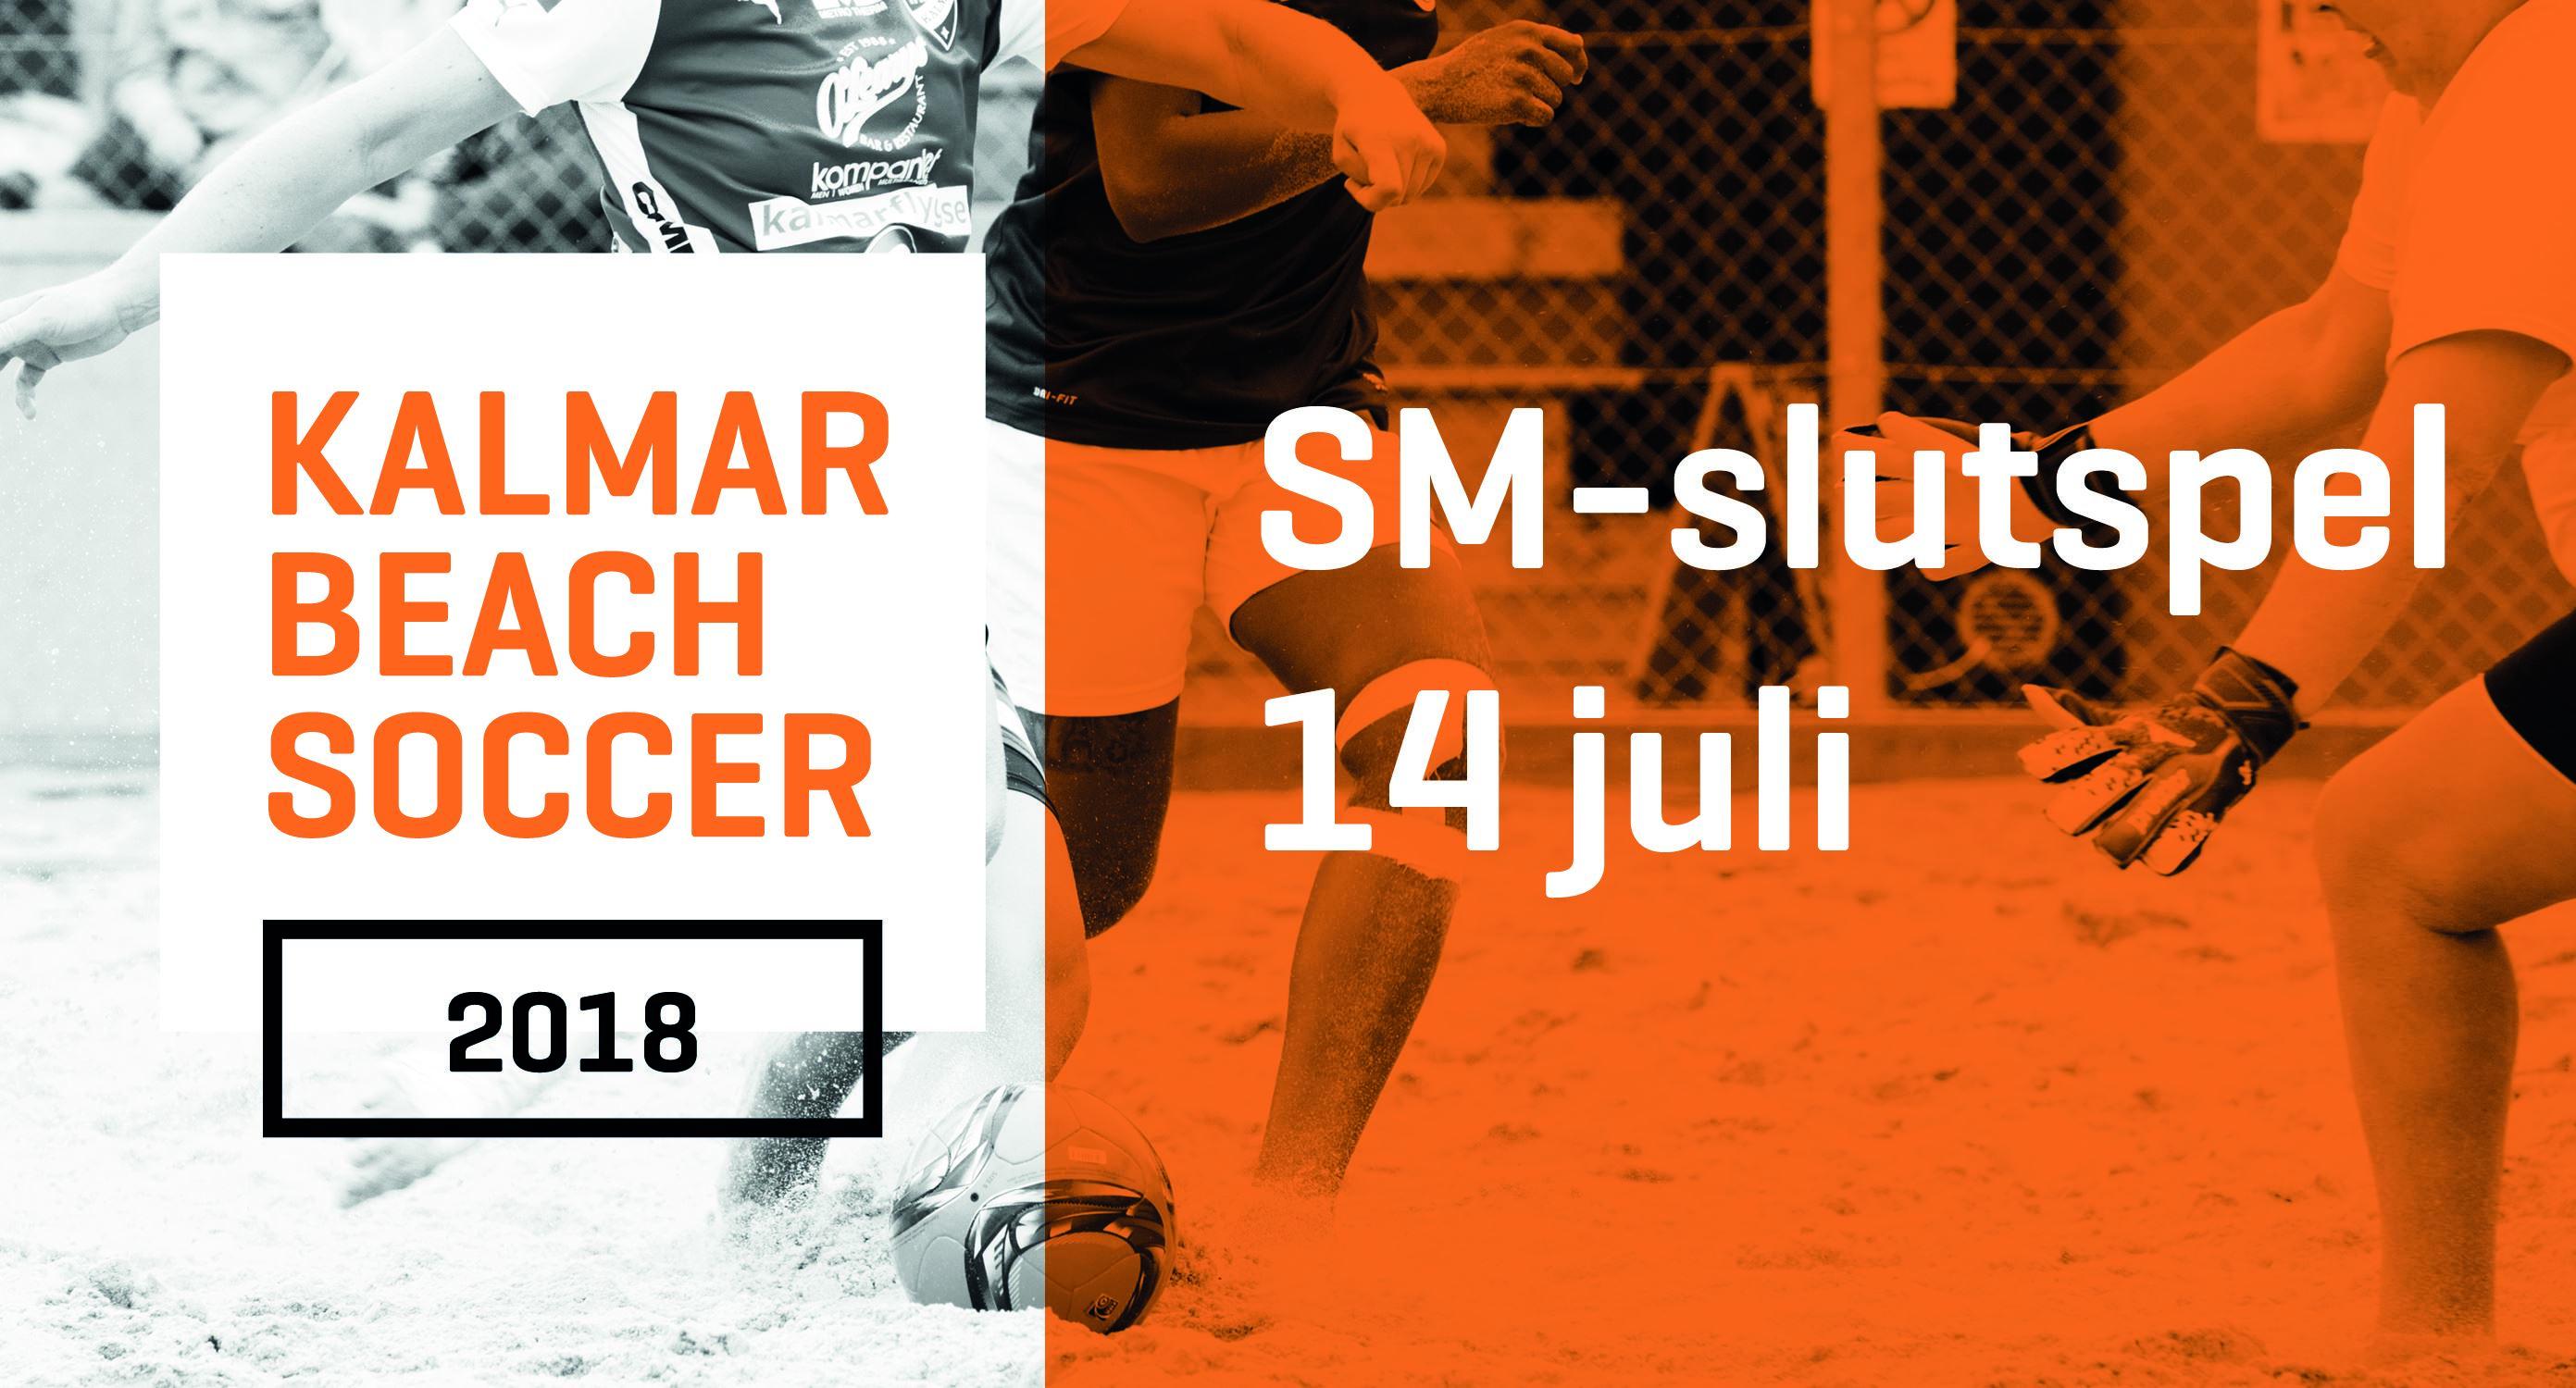 Kalmar Beachsoccer SM slutspel 14 juli